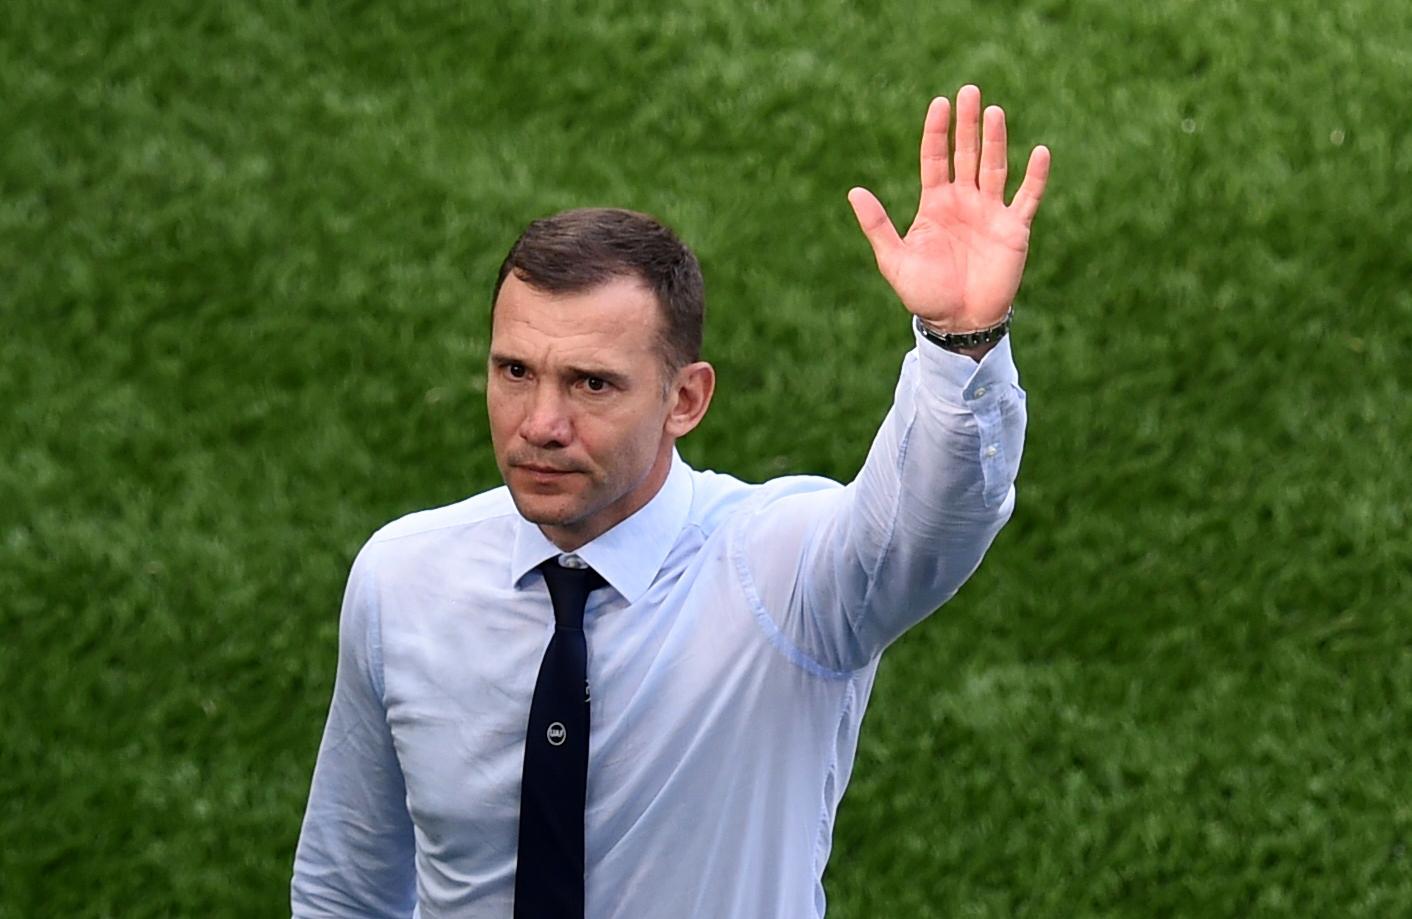 Từng giúp Ukraine vào tứ kết World Cup lần đầu tiên năm 2006, Shevchenko giờ tiếp tục làm nên lịch sử trên vai trò HLV, khi đưa ĐTQG vào tứ kết Euro lần đầu tiên năm nay. Ảnh: Reuters